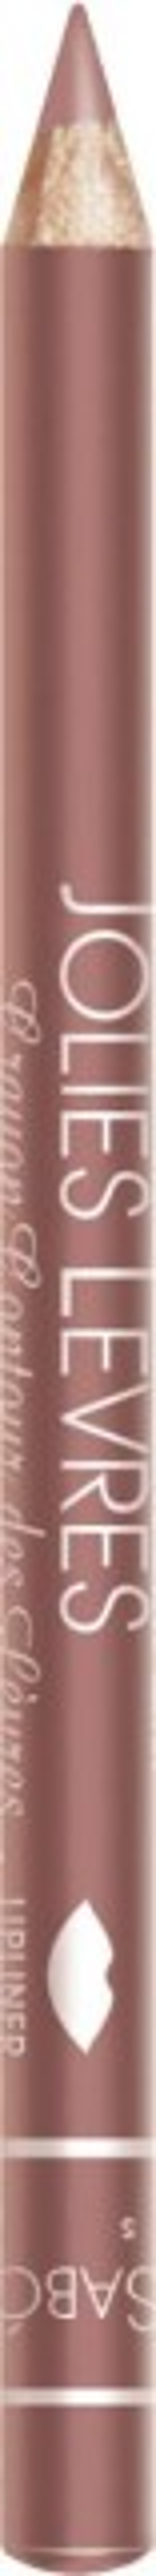 Вивьен Сабо карандаш для губ т.103 купить в Москве по цене от 0 рублей